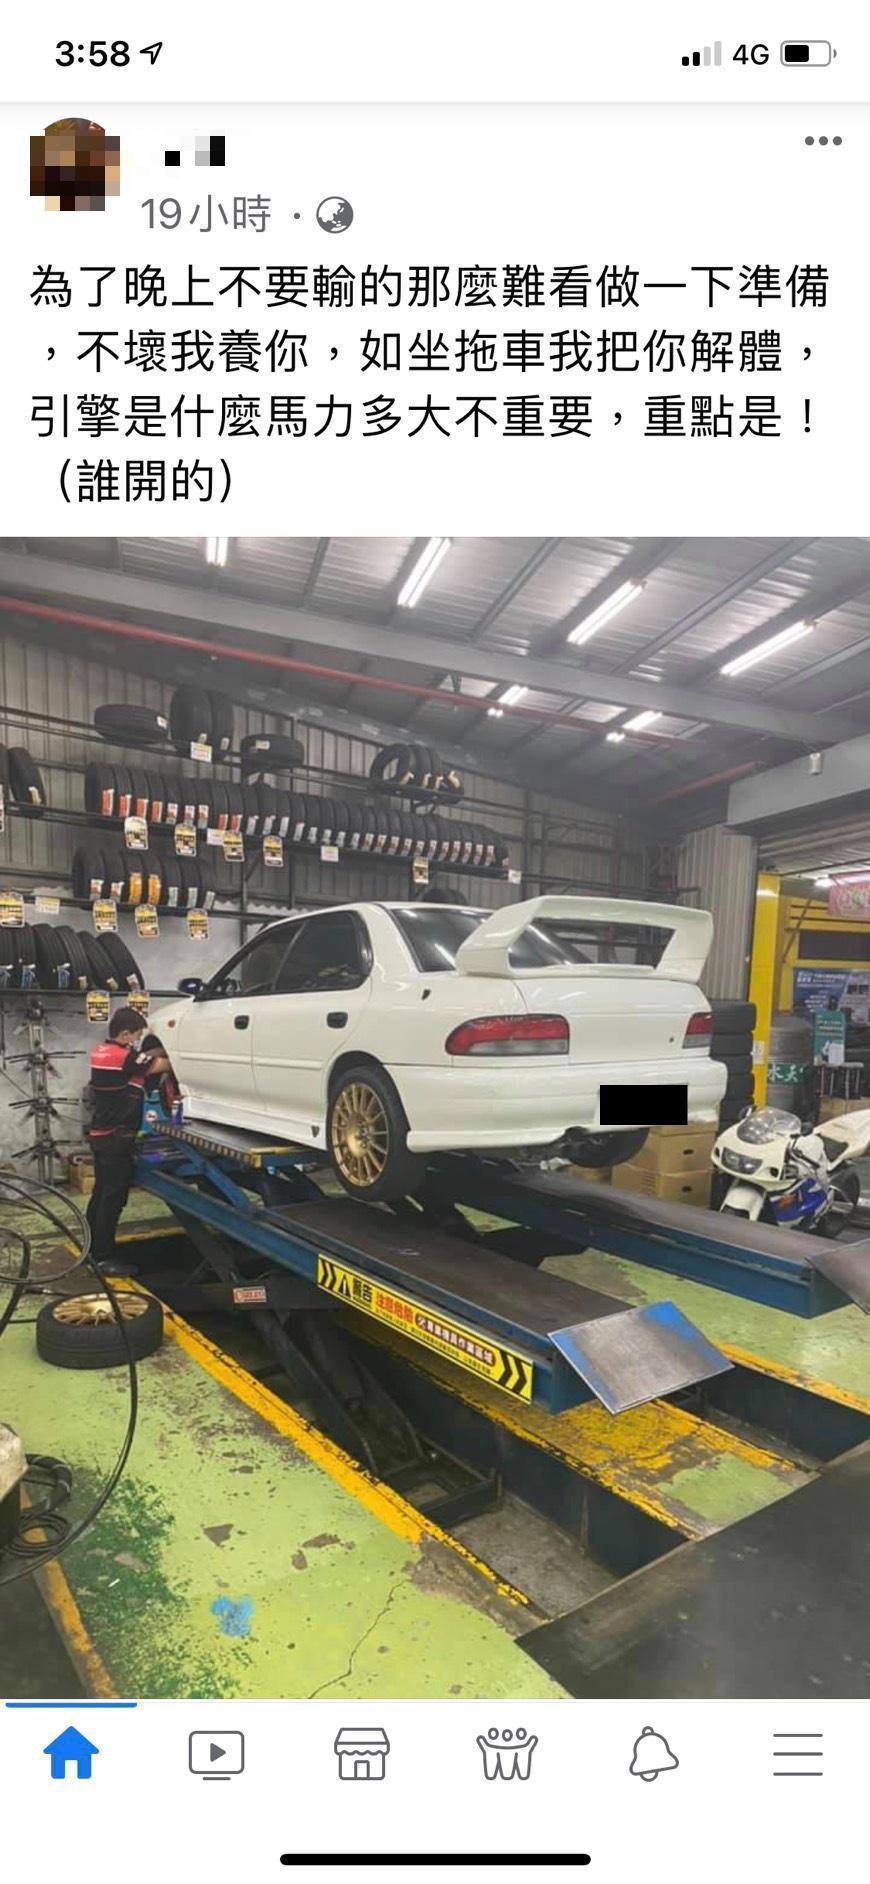 涉嫌參與違法賽車的男子,被踢爆競速前改裝車輛。(翻攝臉書)